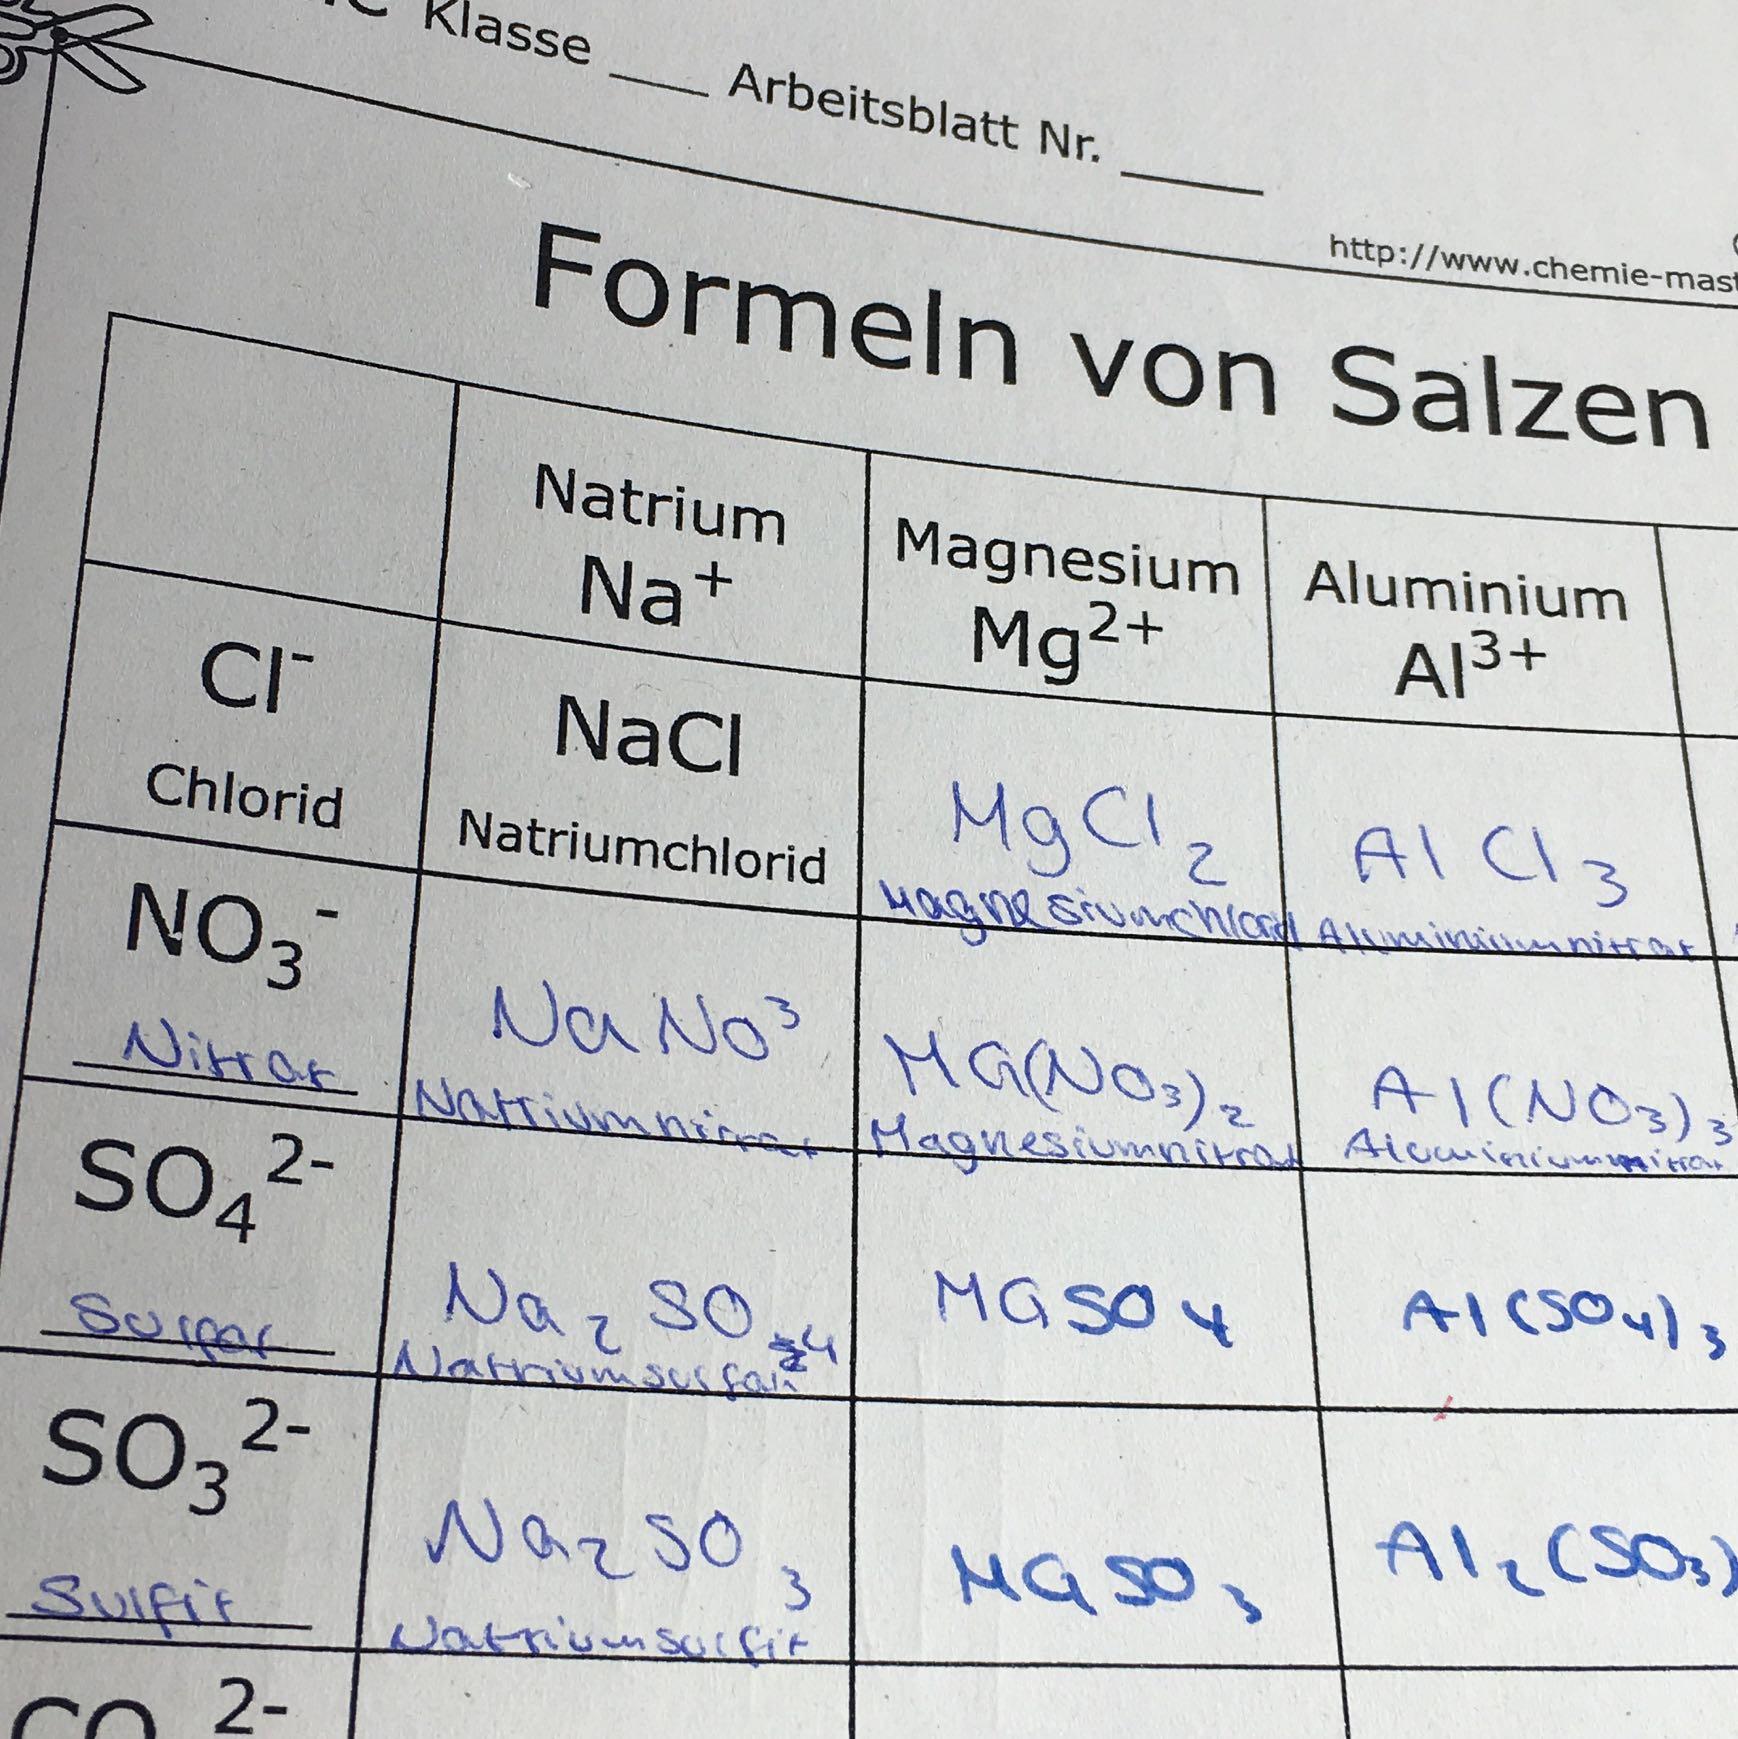 Formeln von Salzen ..? (Schule, Mathe, Mathematik)